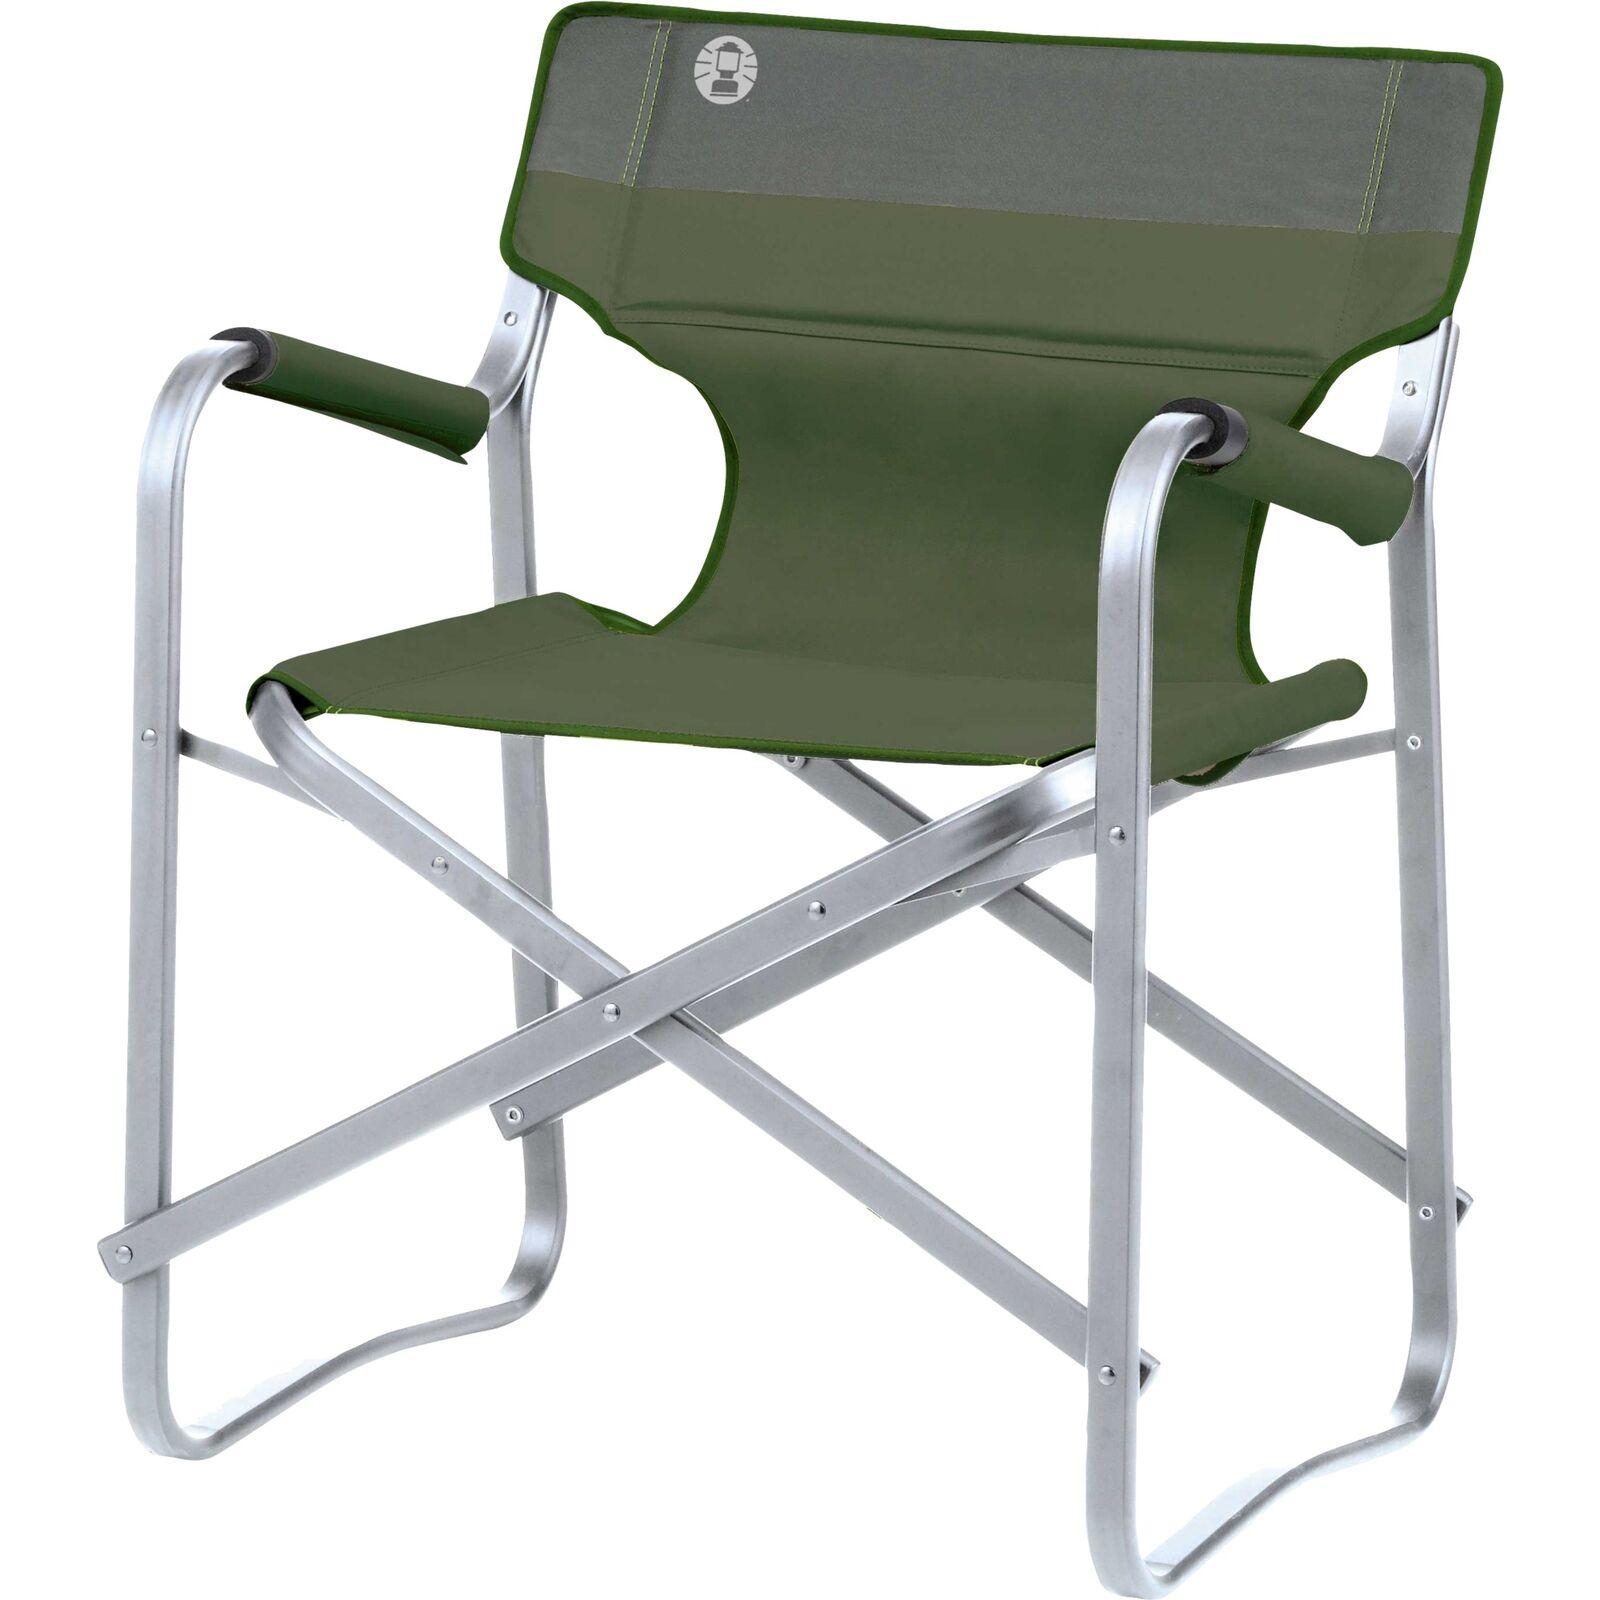 Coleman Deck Chair Stuhl grün